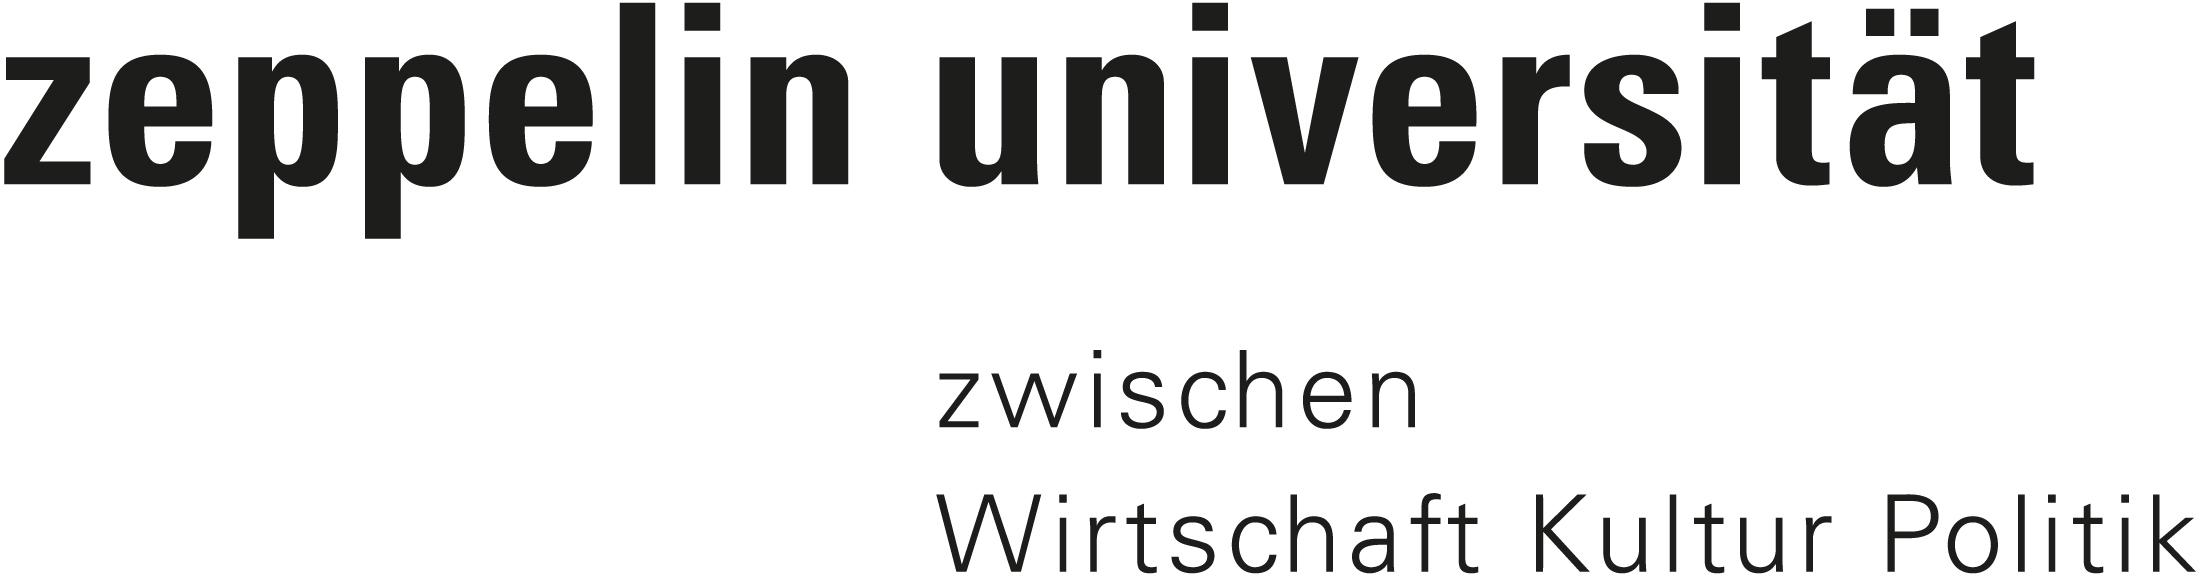 logo-zu_05.jpg